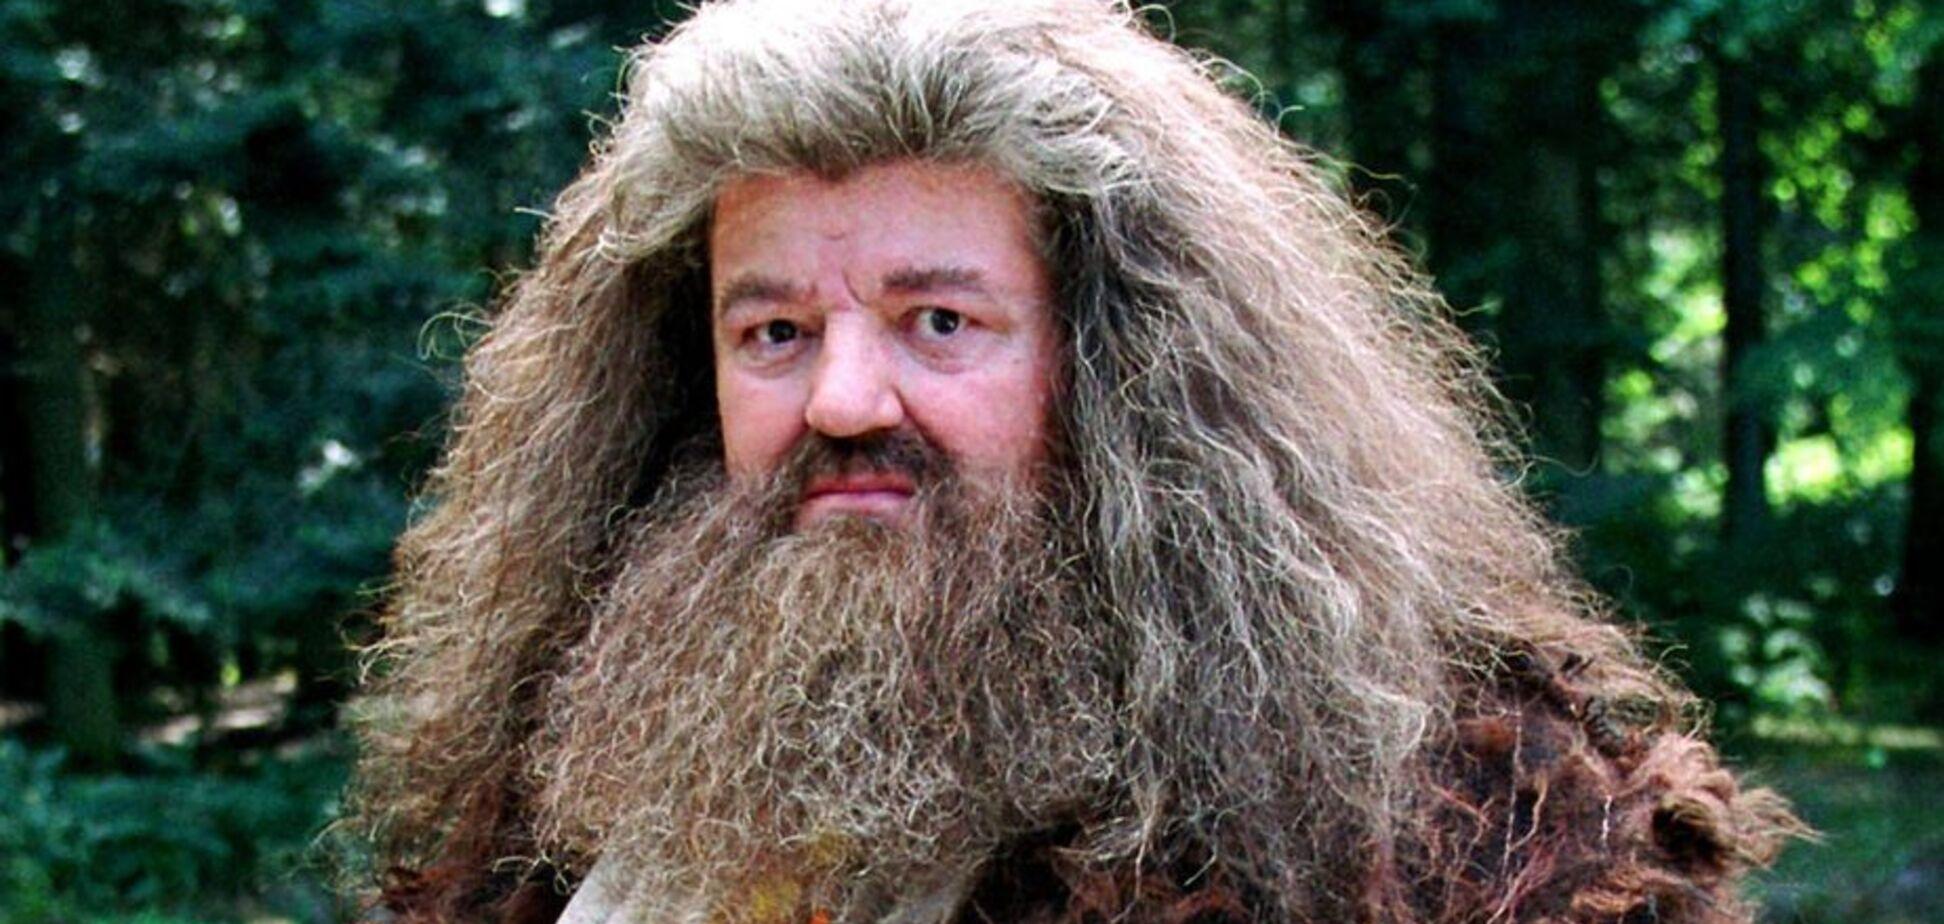 Всеми любимый актер из ''Гарри Поттера'' оказался в инвалидном кресле